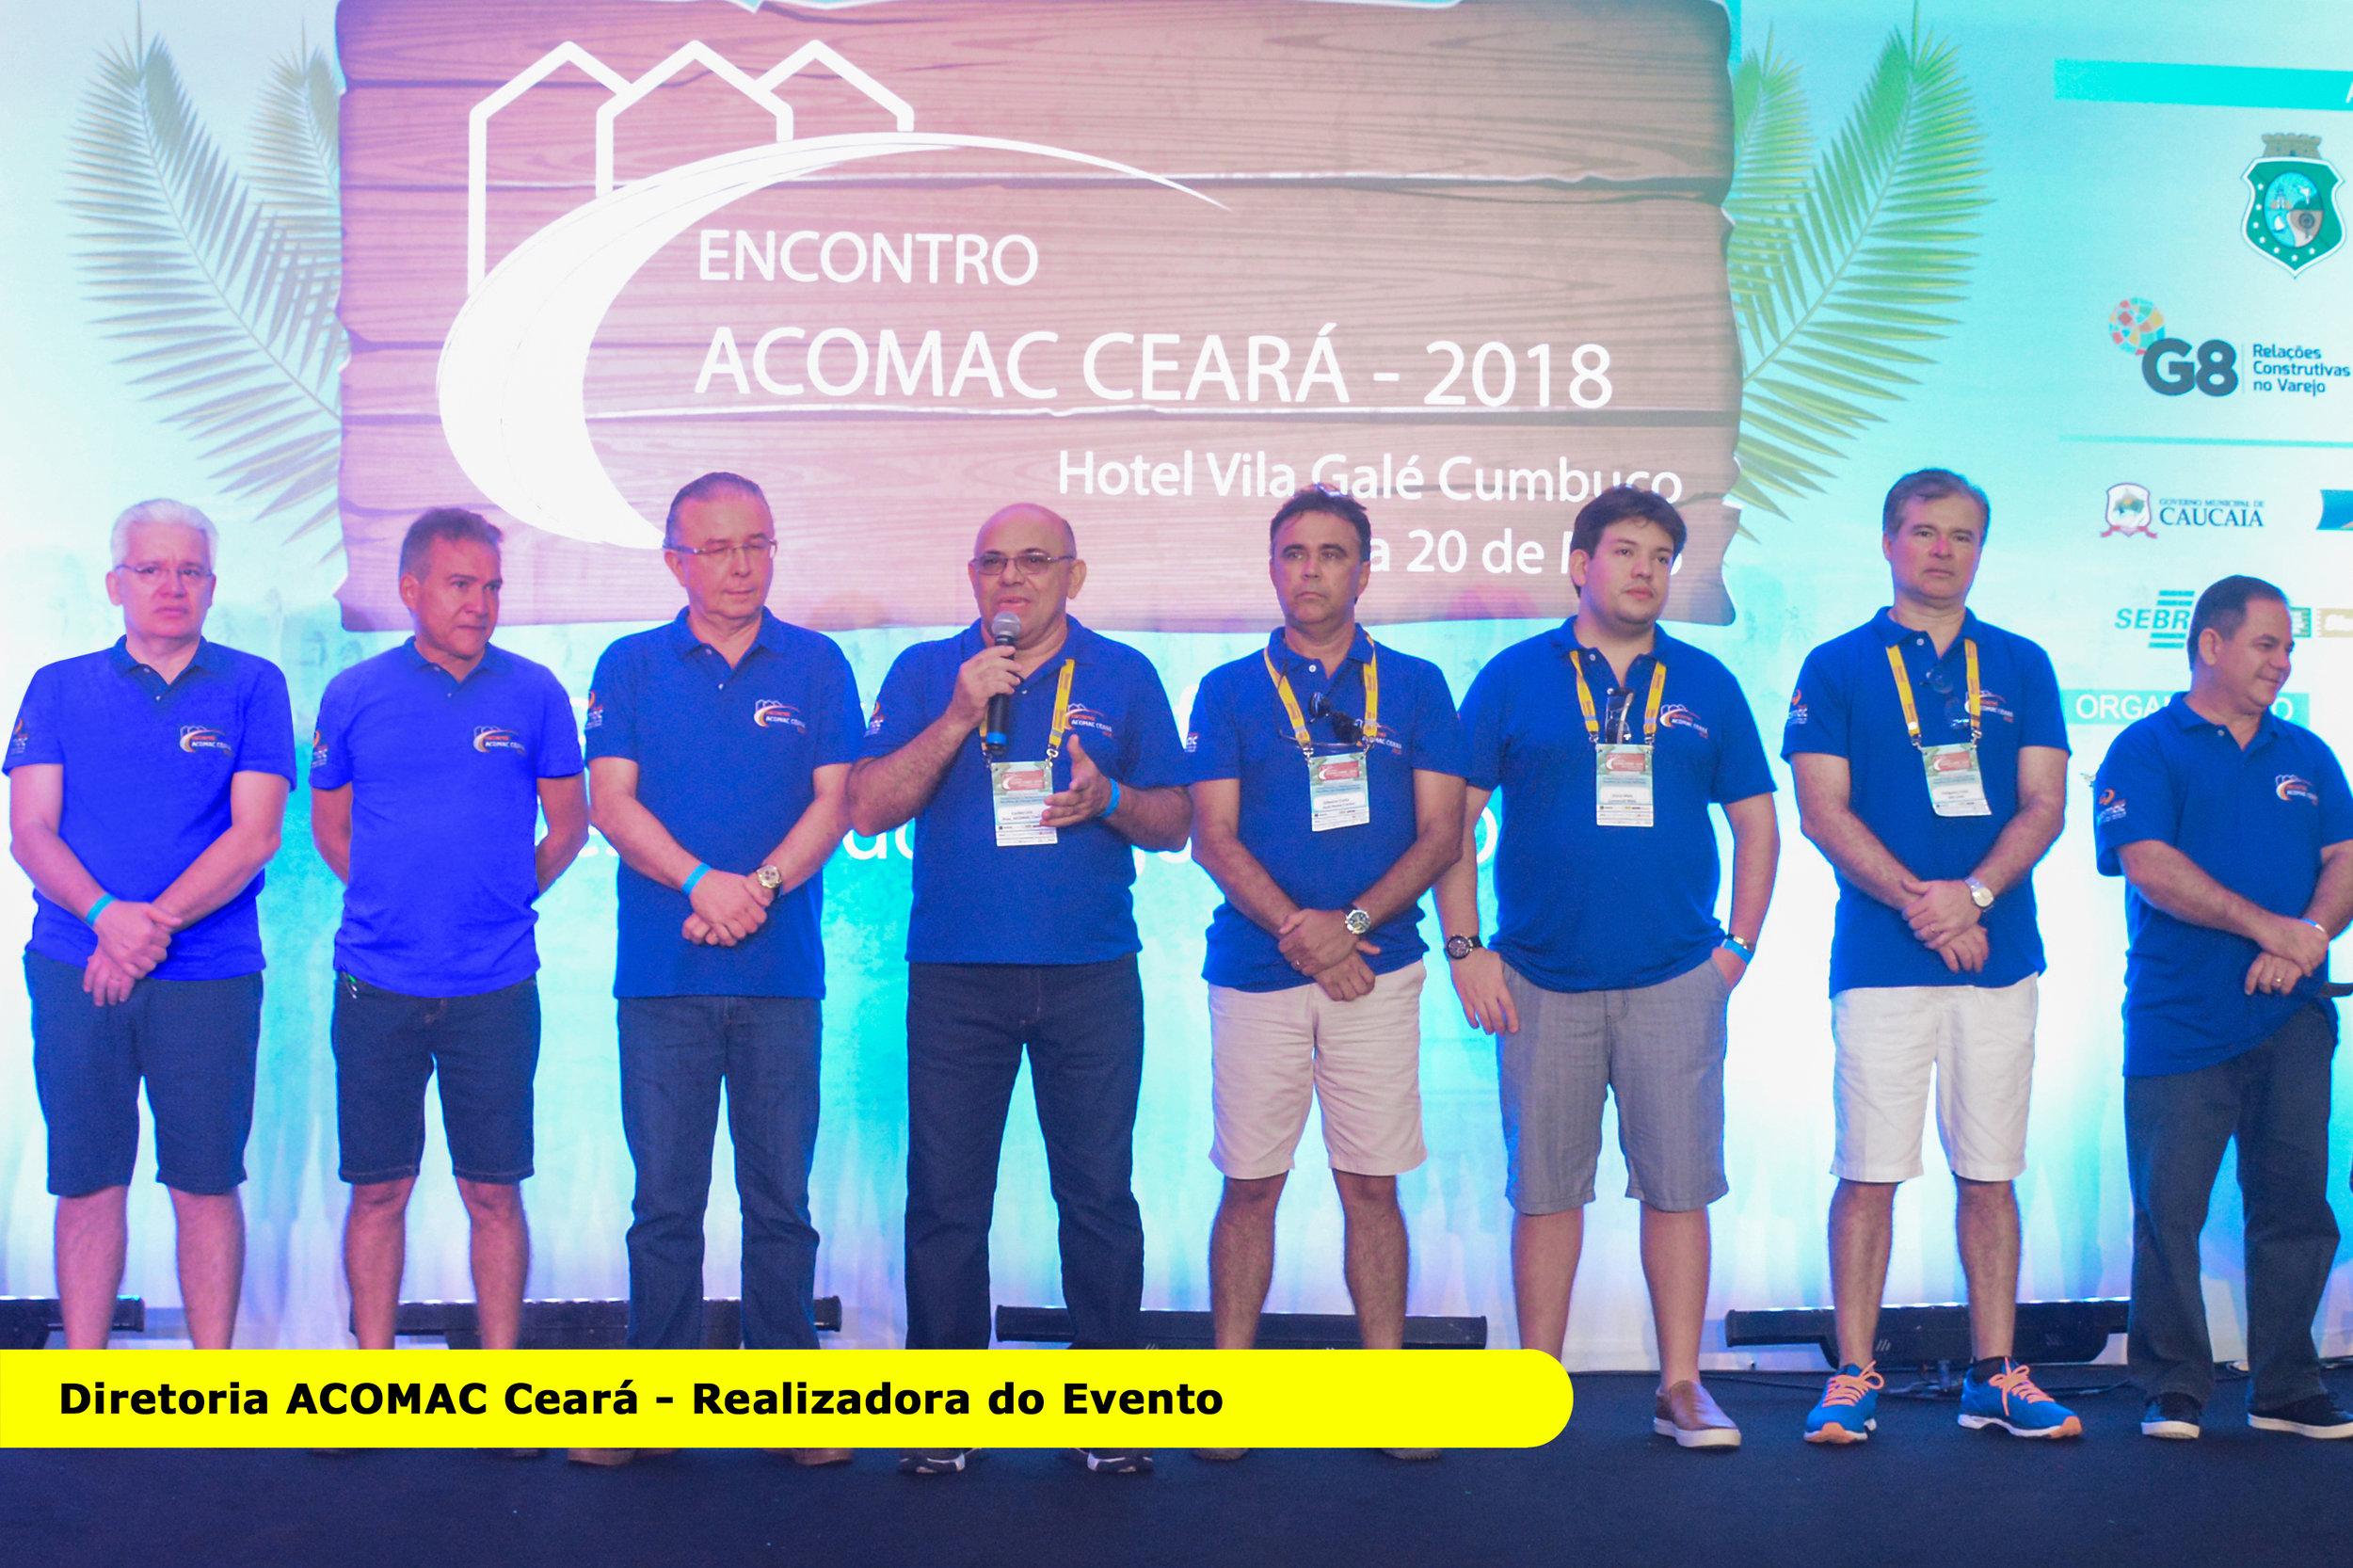 Organizadores do Encontro ACOMAC Ceará no palco  Crédito Foto: Divulgação oficial do evento